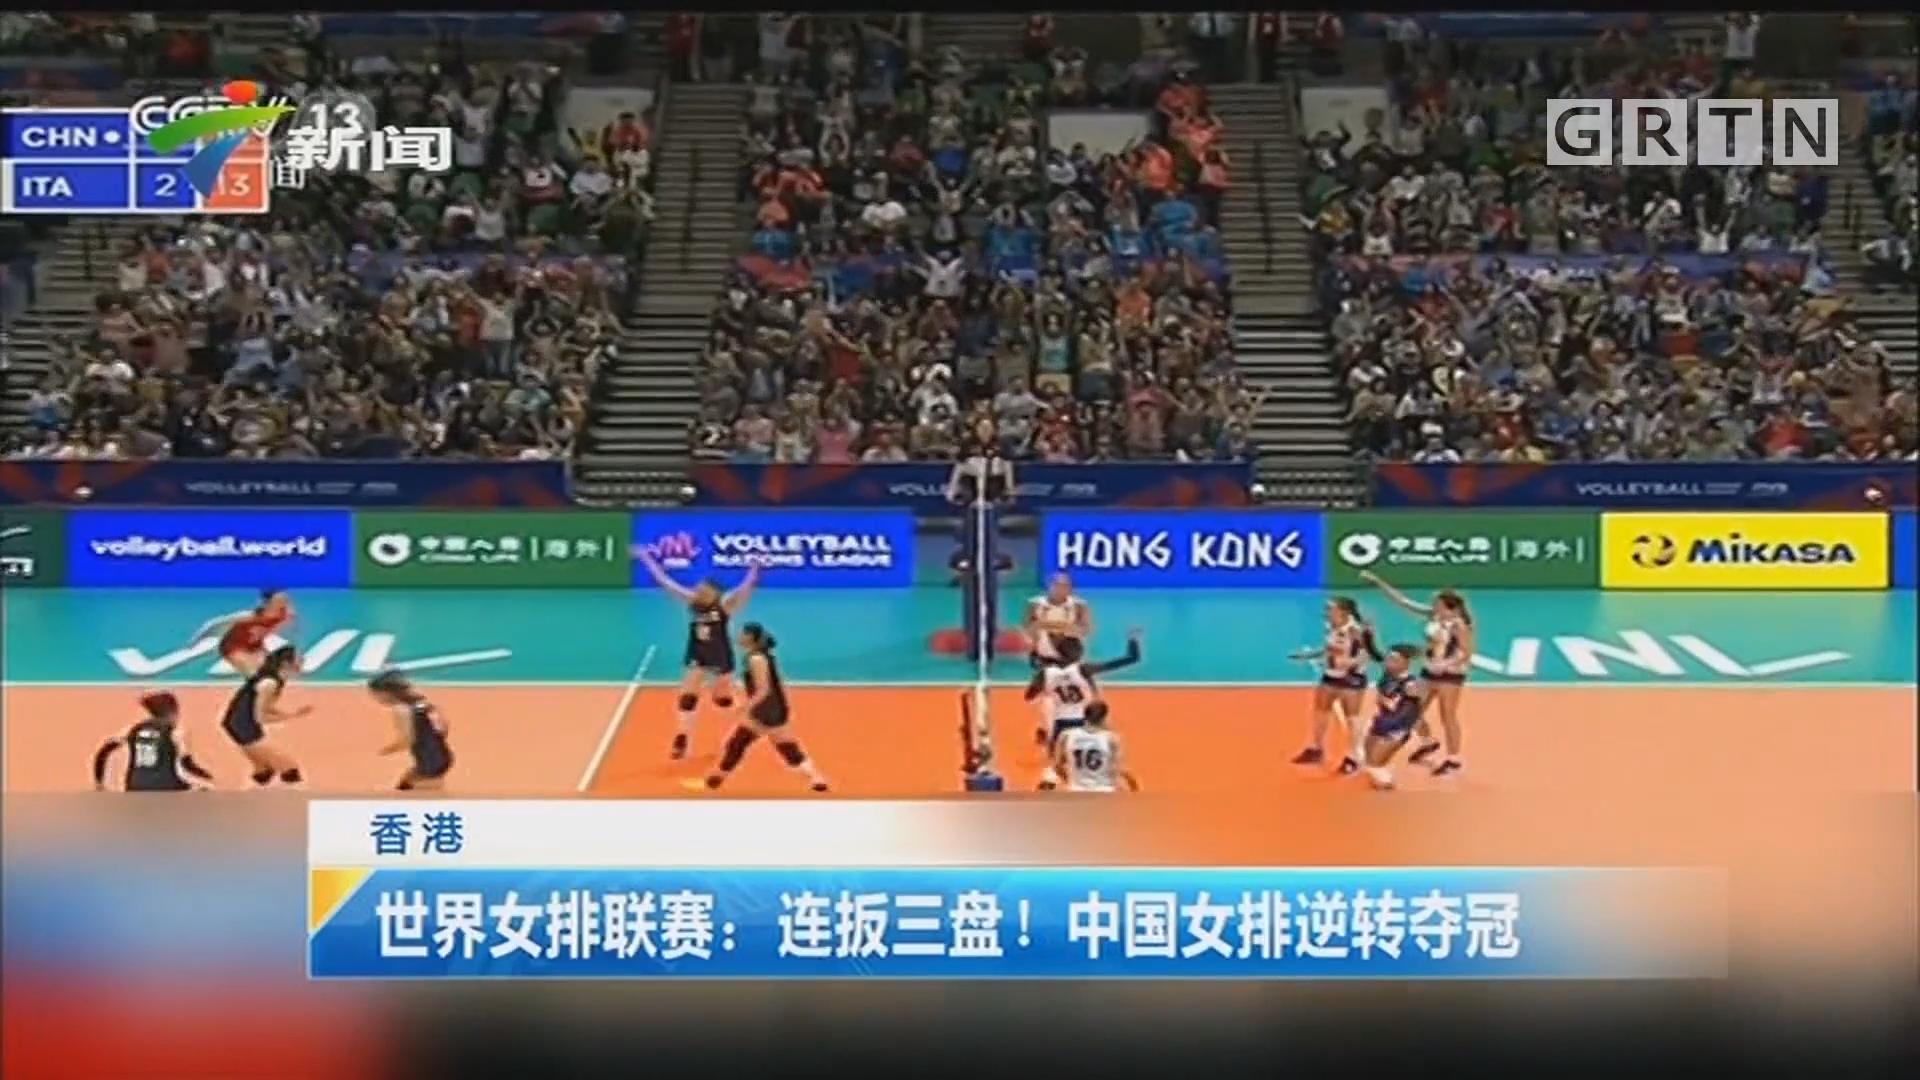 香港 世界女排联赛:连扳三盘!中国女排逆转夺冠